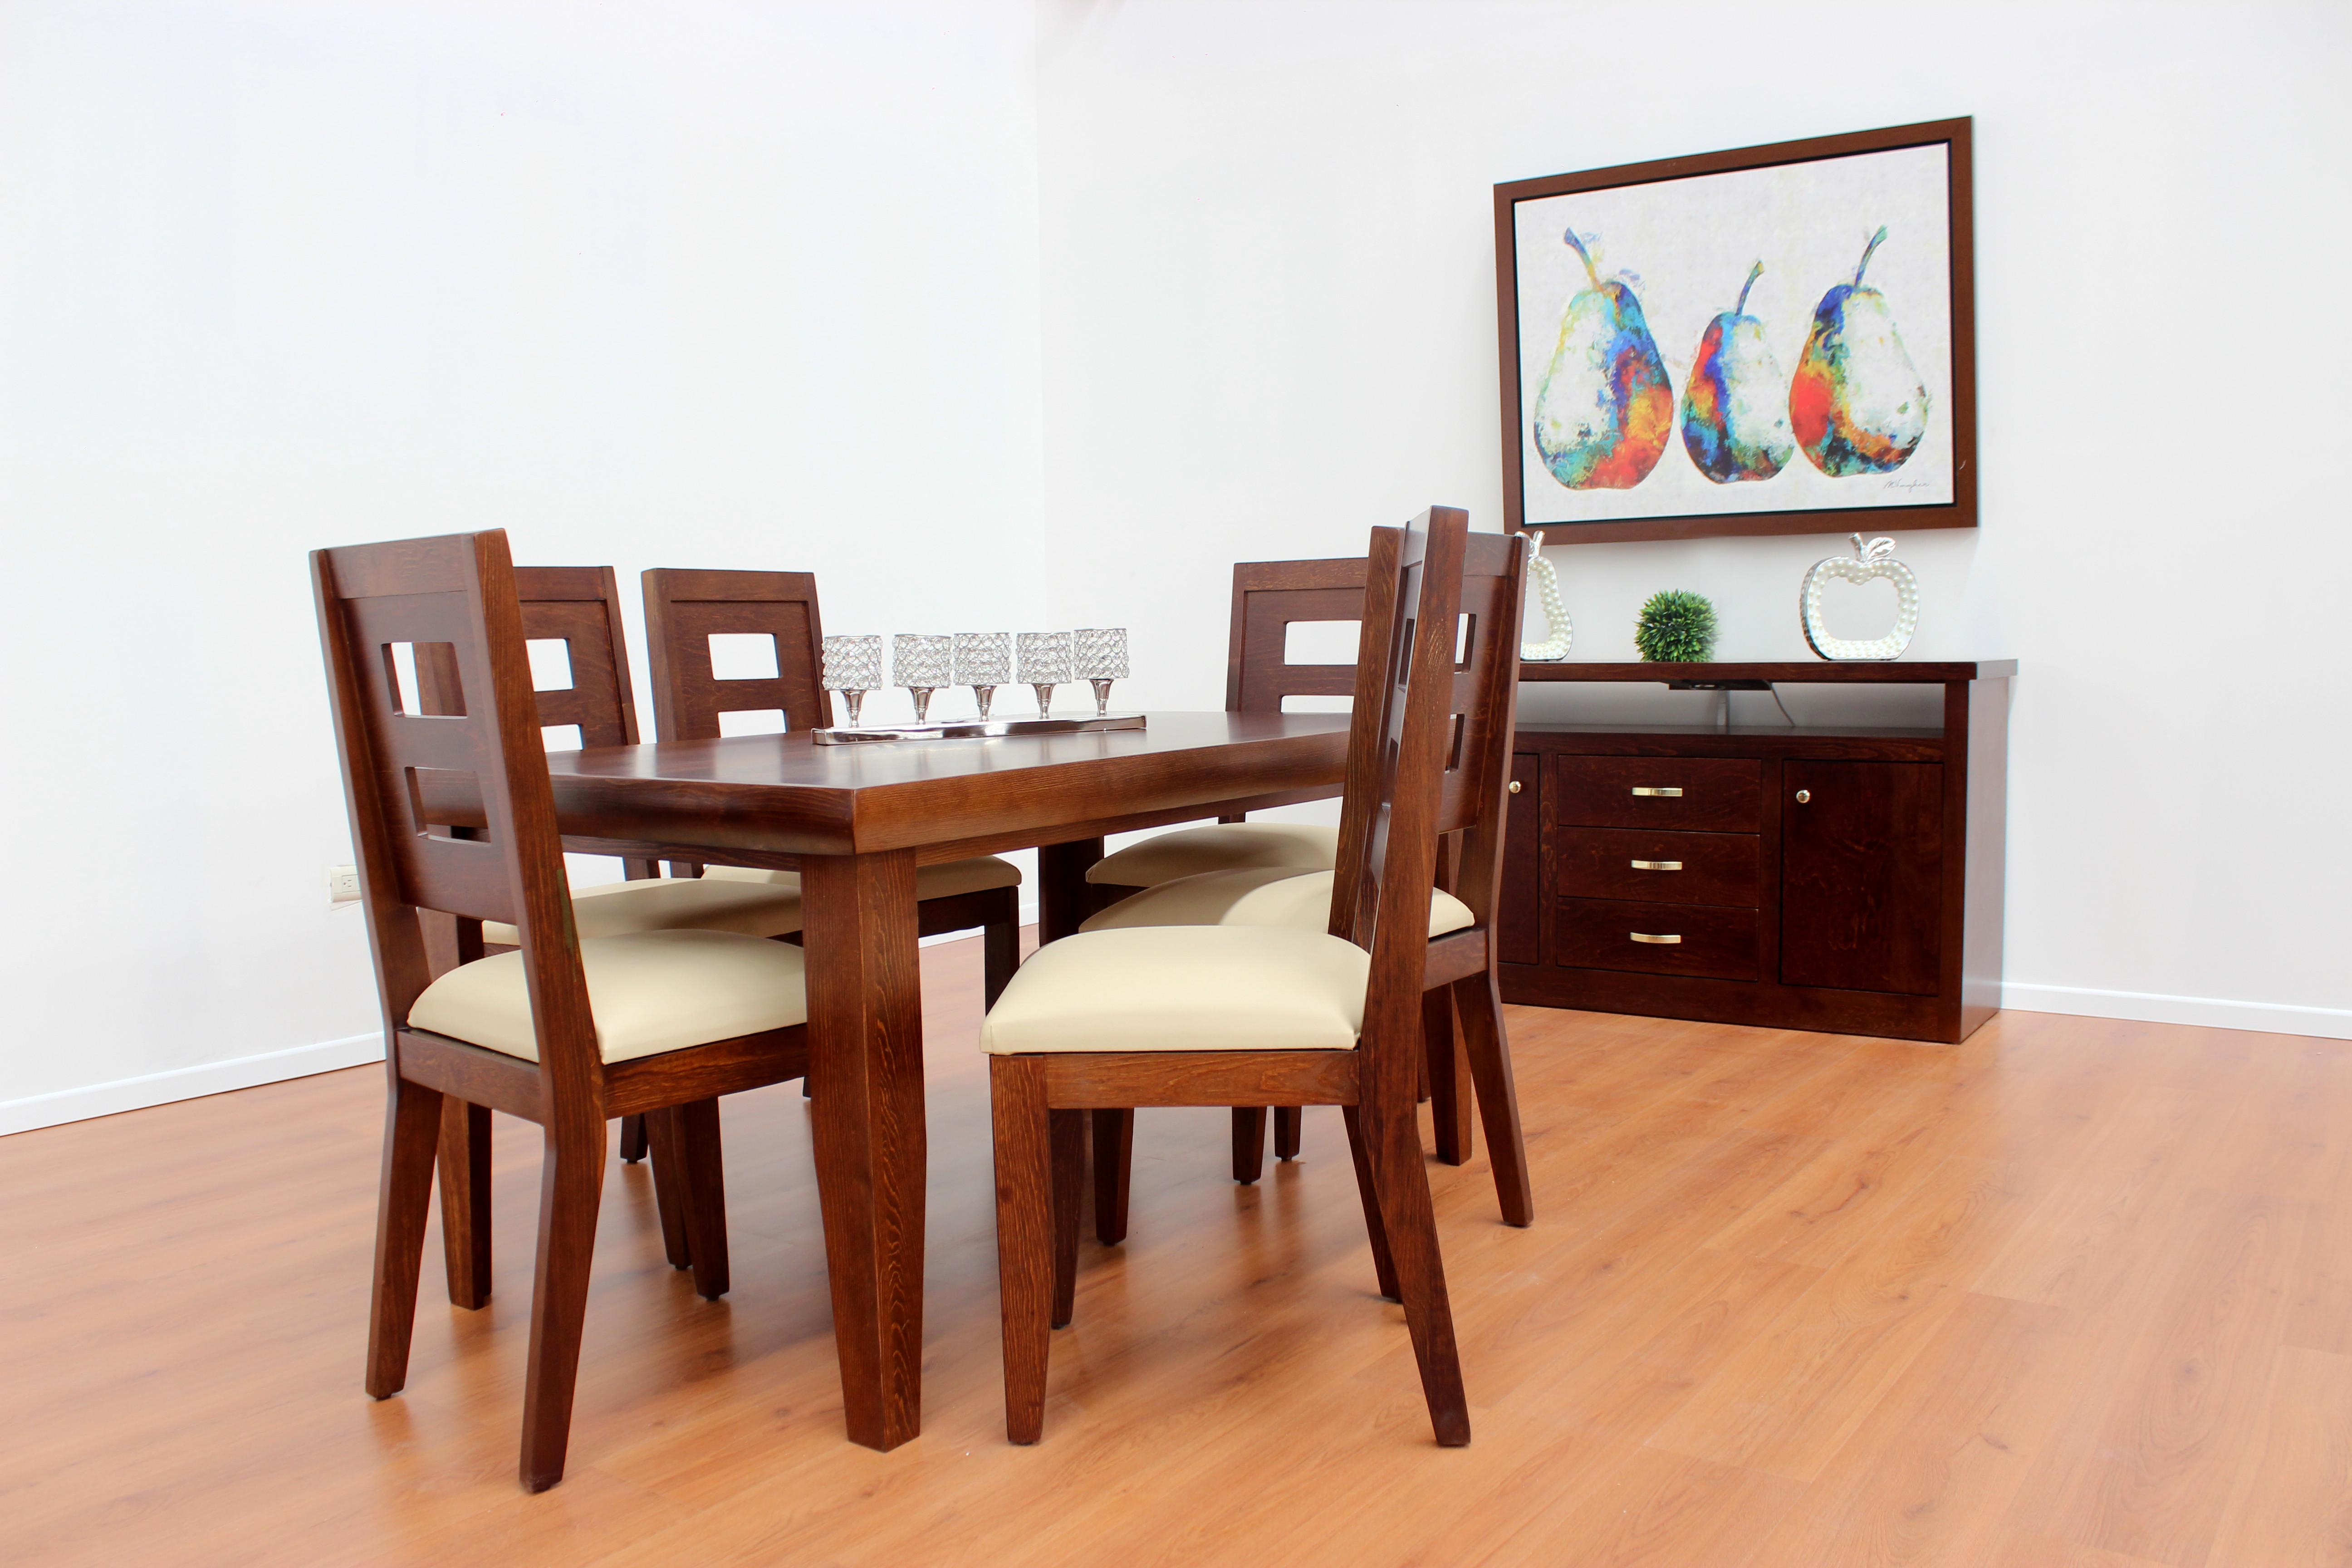 Luna Muebles Muebles Para El Hogar Ofertas # Muebles Luna Guaymas